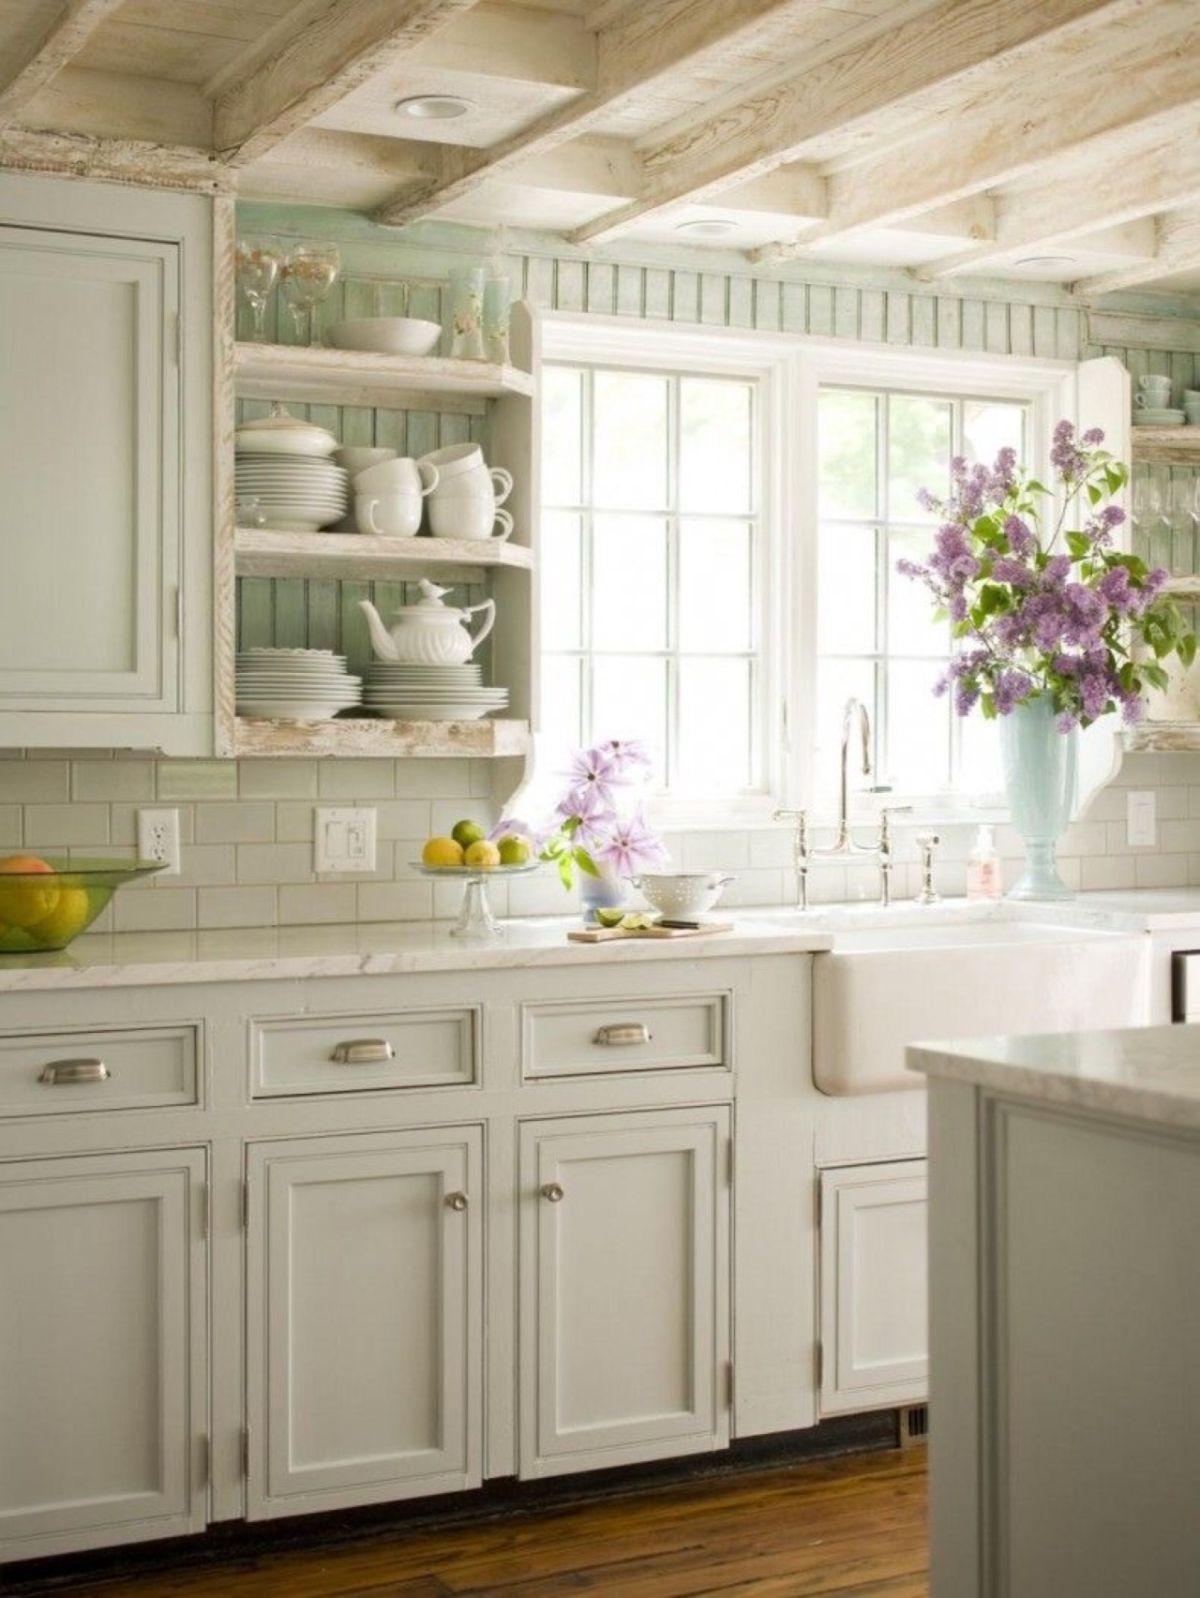 винтаж в интерьере дома светлая кухня